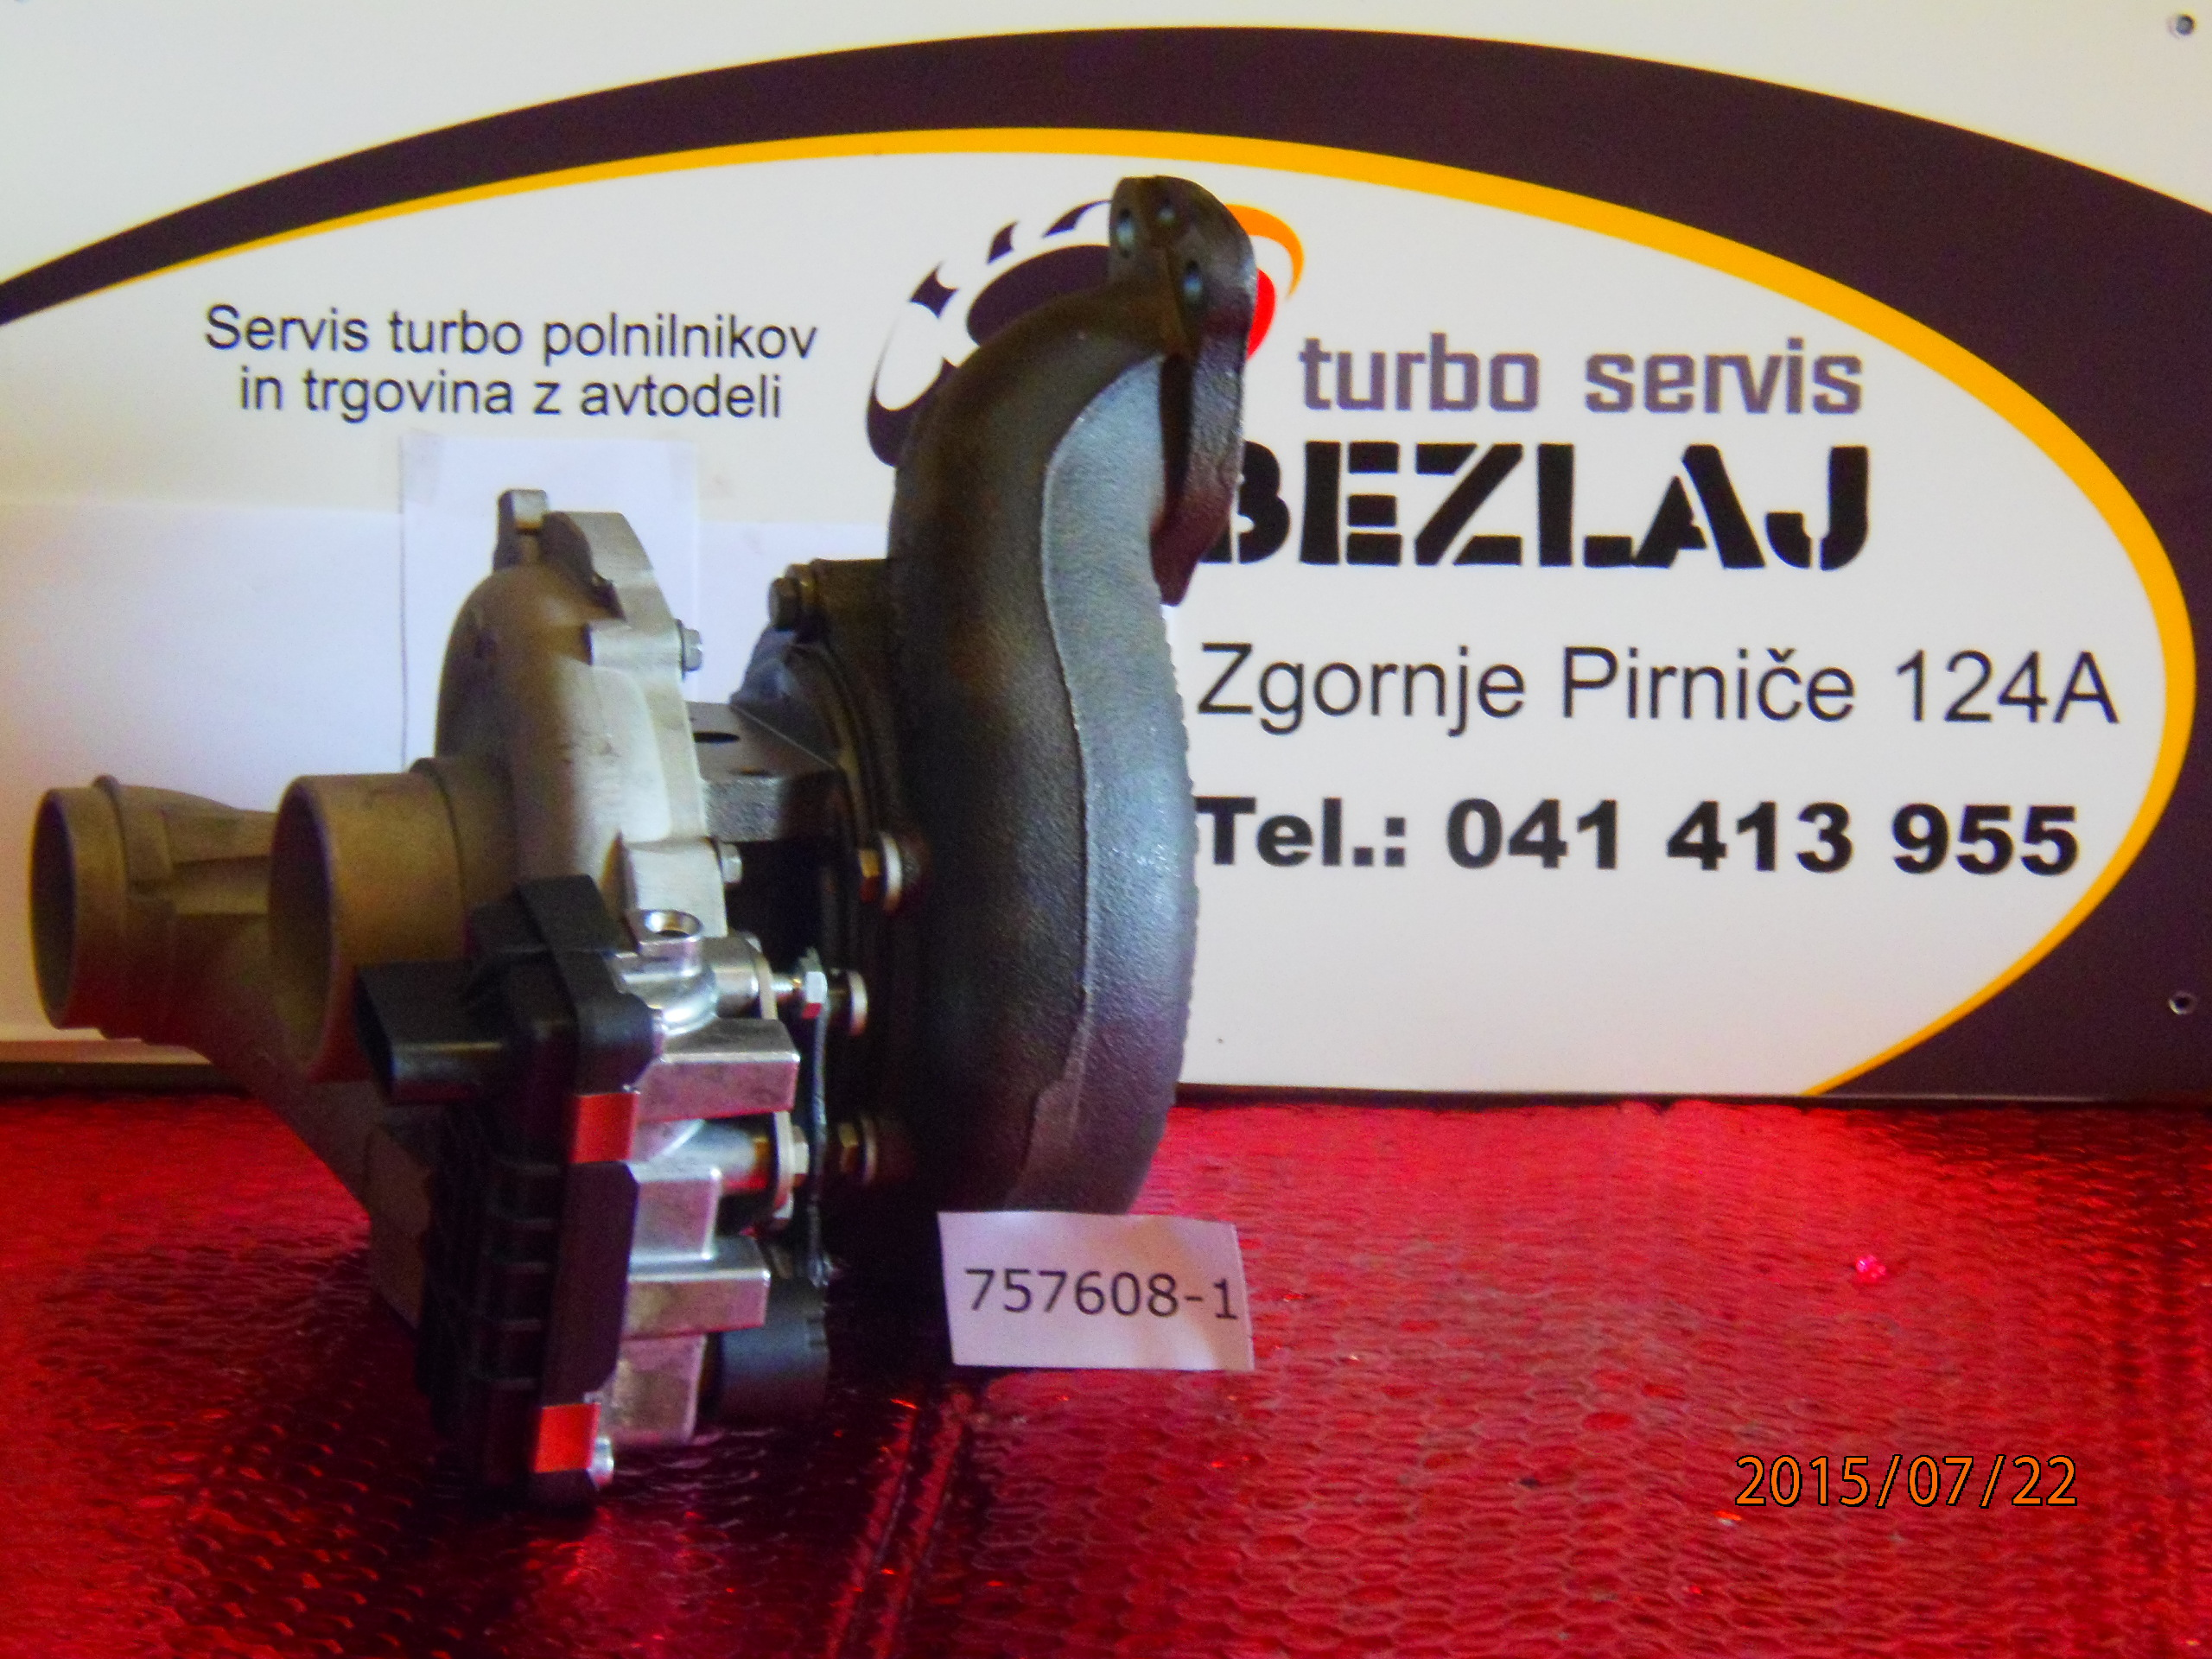 turbo757608-1 (2)